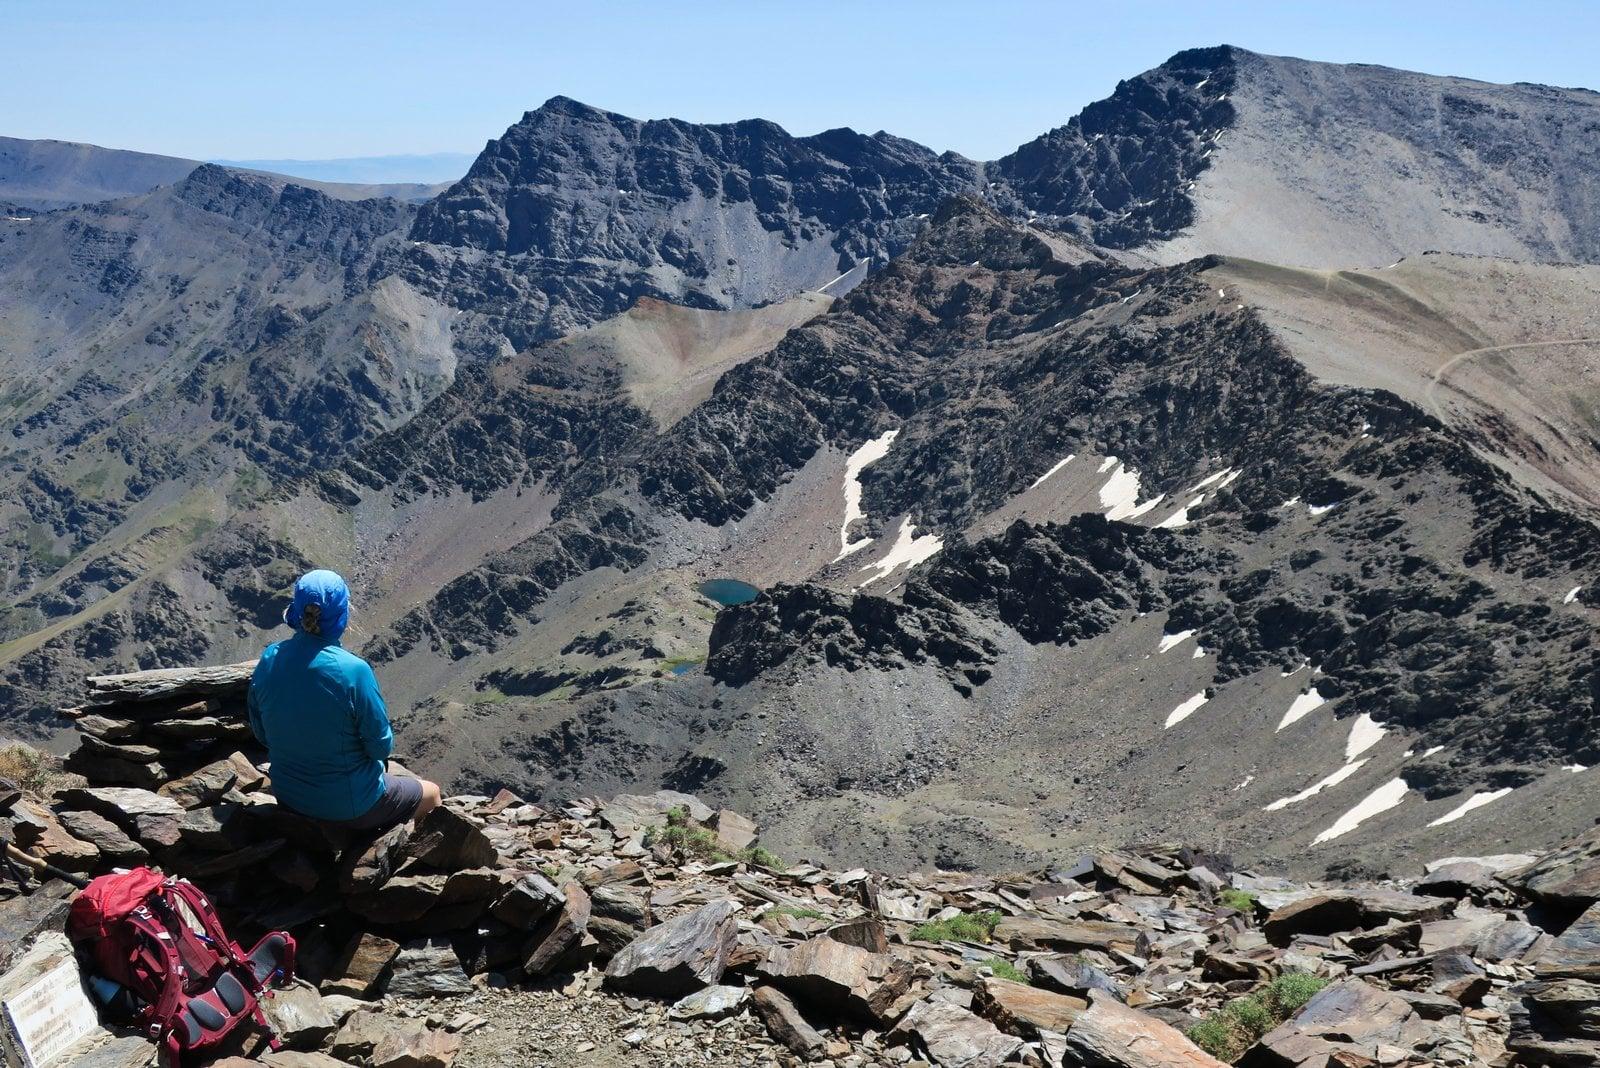 On Cerro de los Machos looking towards Alcazaba and Mulhacen